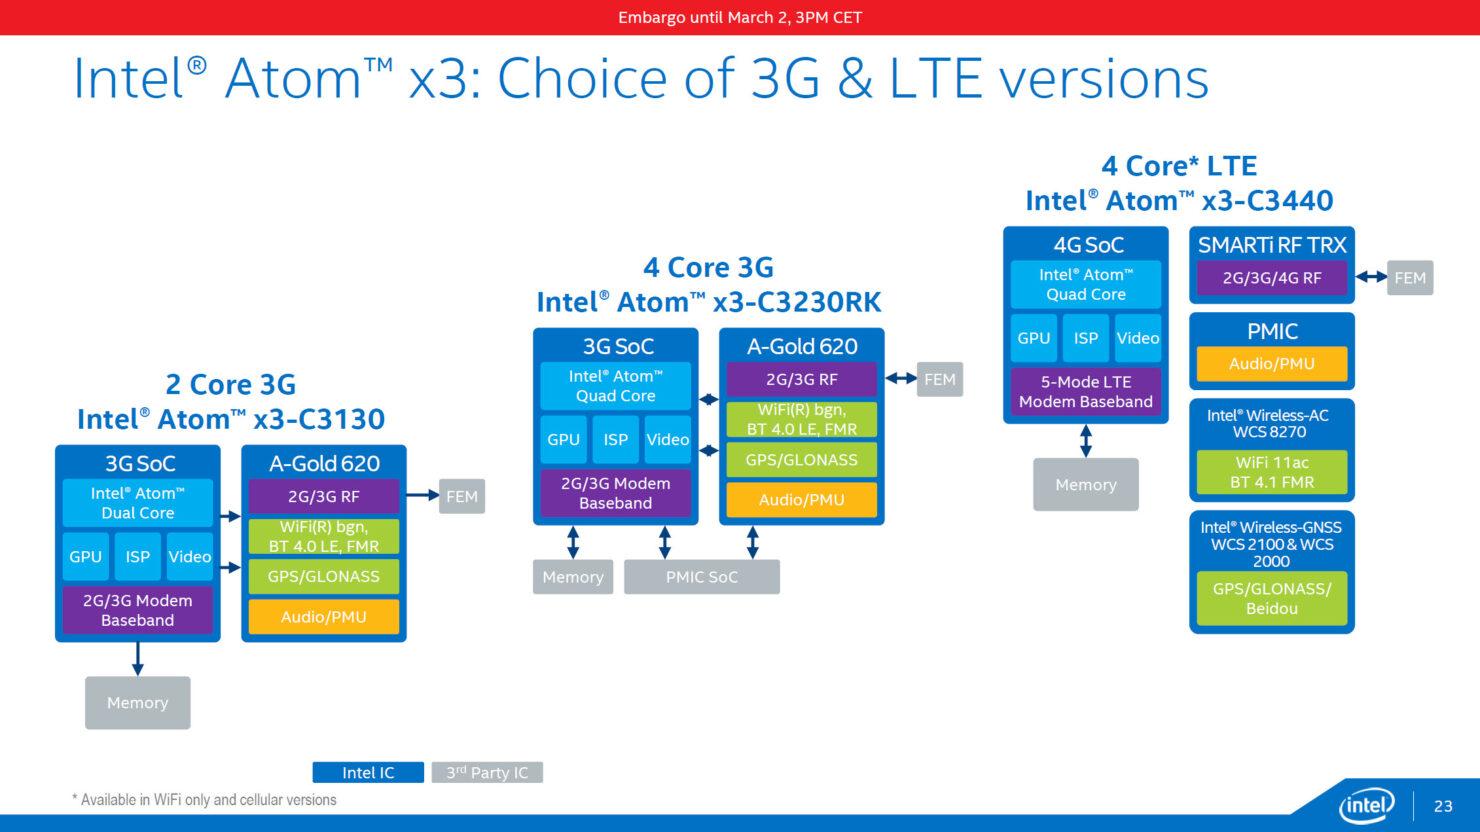 intel-cherry-trail_atom-x3-3g-lte-sofia-variants